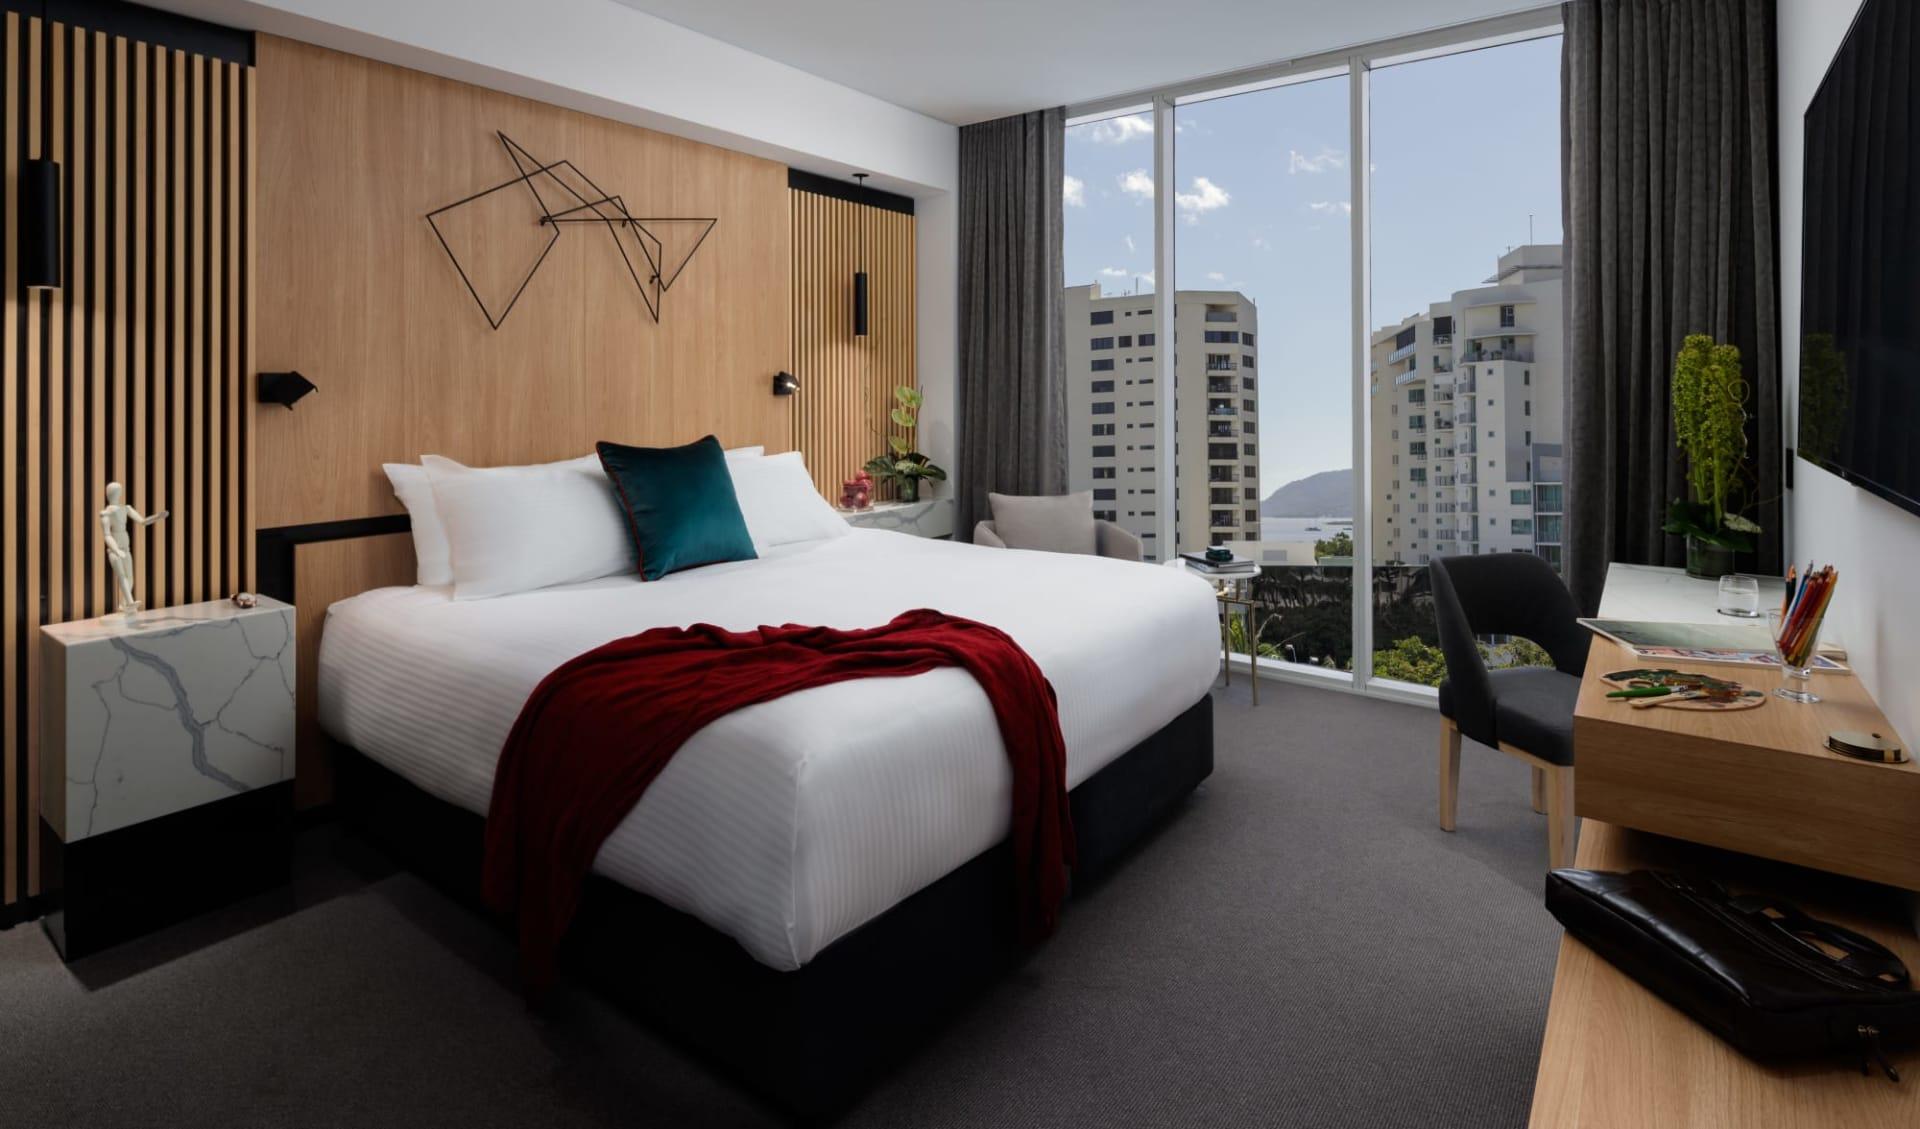 Bailey in Cairns: Bailey Room 3